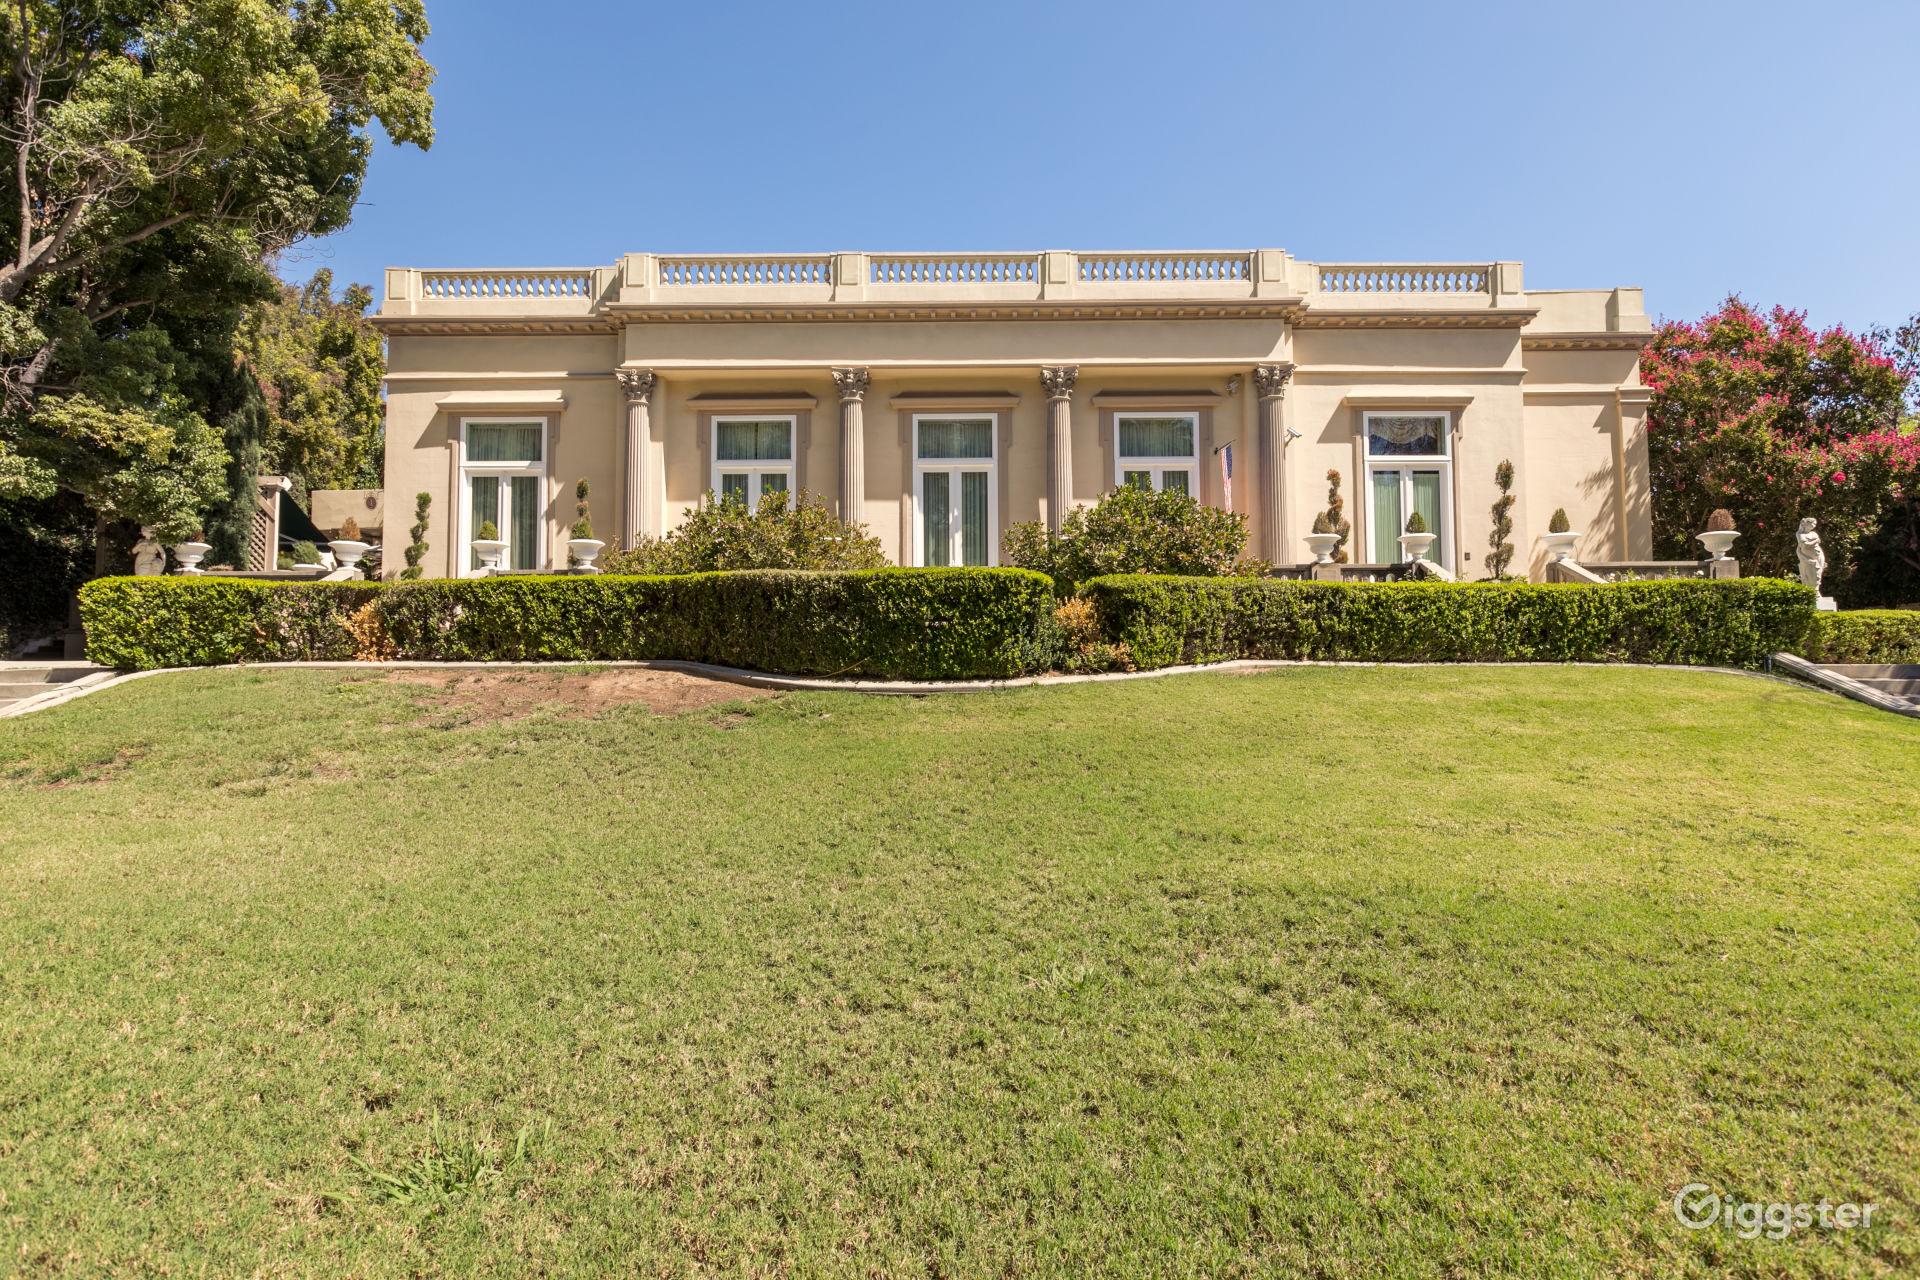 Old Hollywood Home in Pasadena Los Angeles Rental